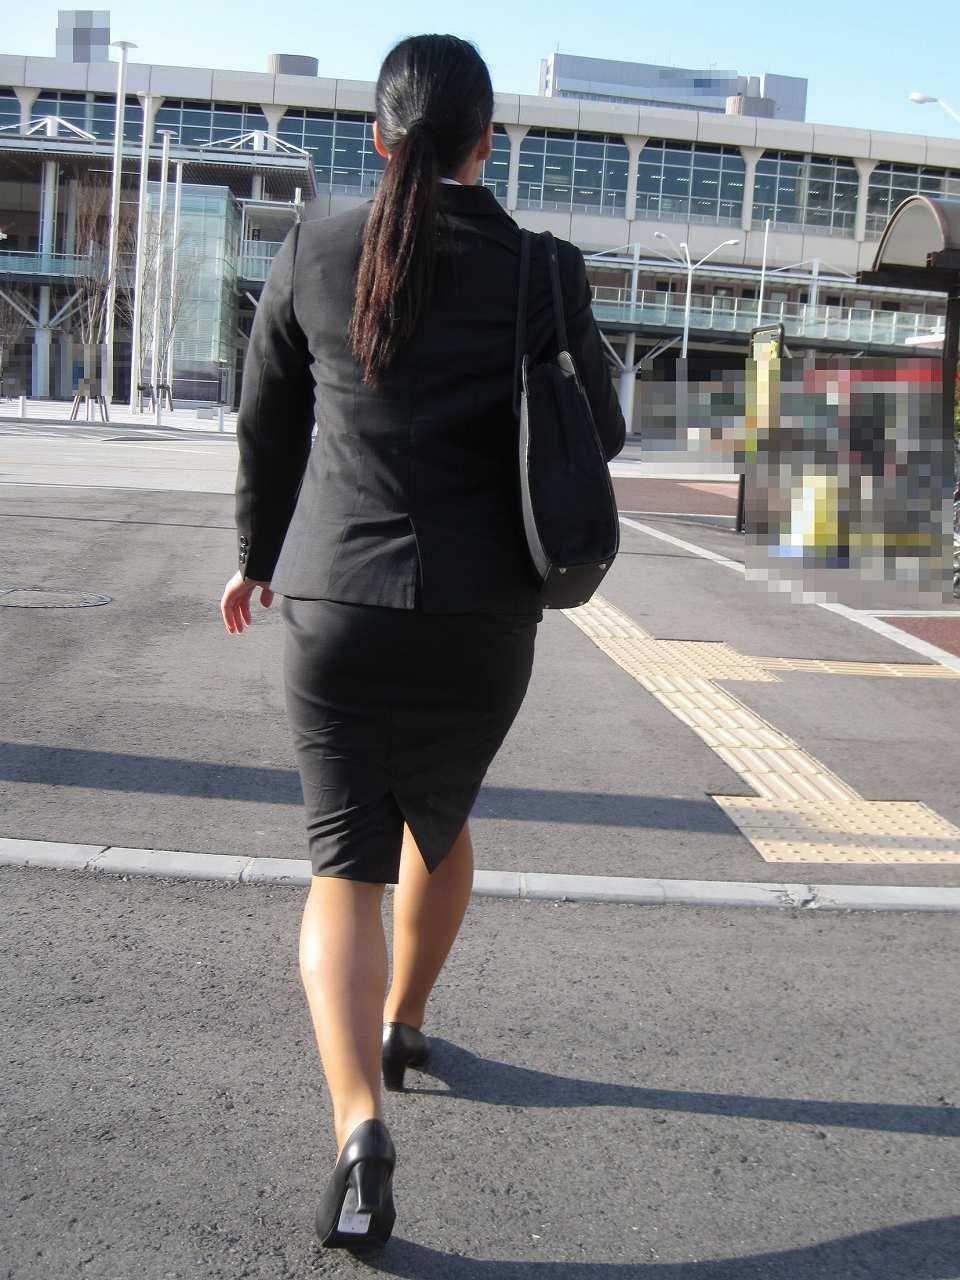 【街撮り画像】就活真っ只中なJDのリクスー尻と美脚を観察www 09